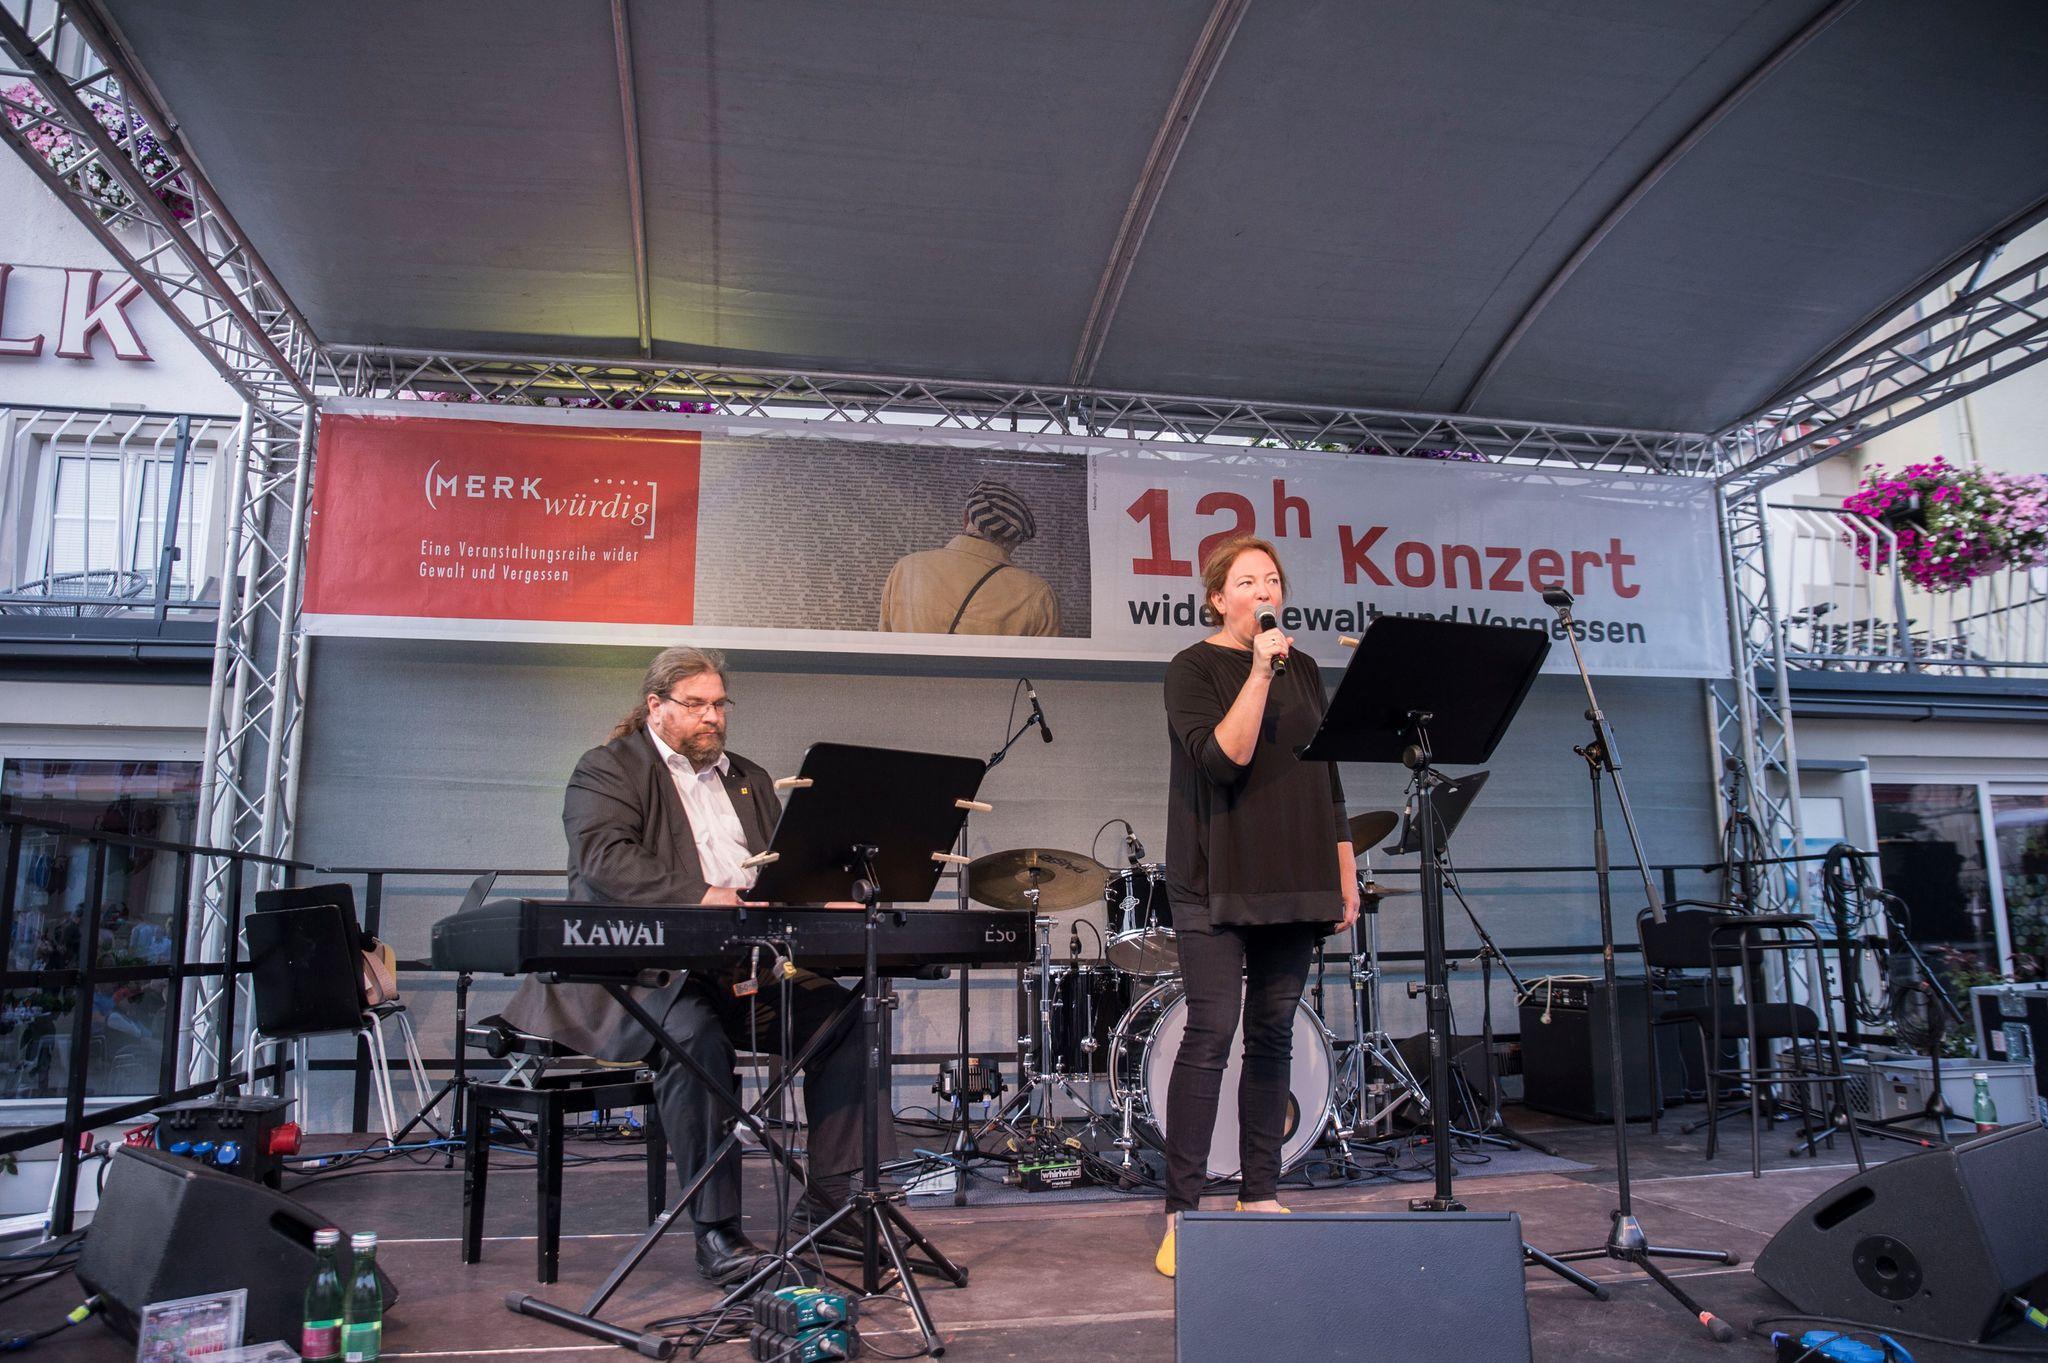 Sacher & Bergmaier beim 12-Stunden-Konzert wider Gewalt und Vergessen